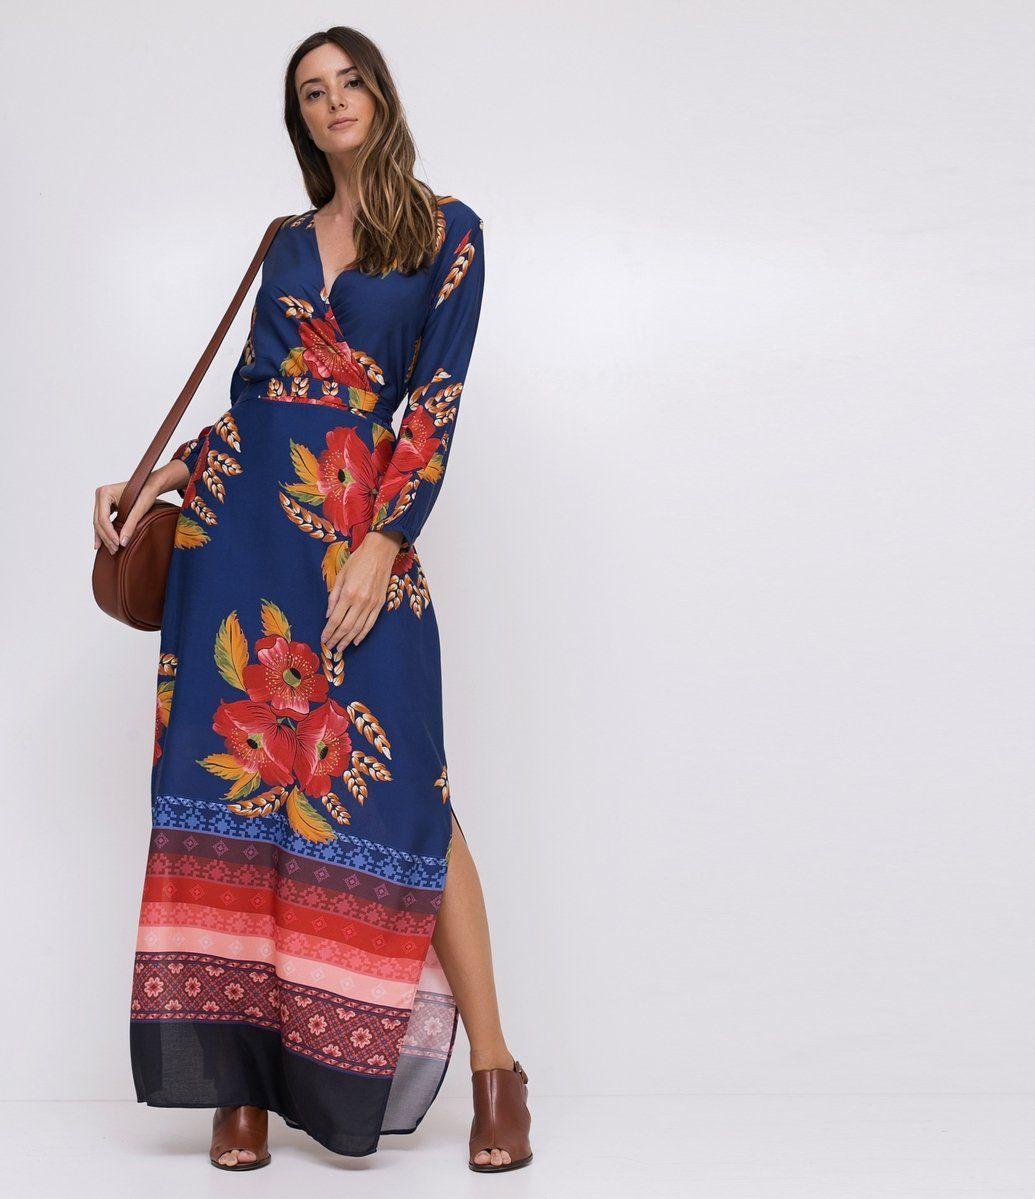 1ee4136c7621 Vestido Longo Floral - Renner | Renner | Vestido longo floral ...